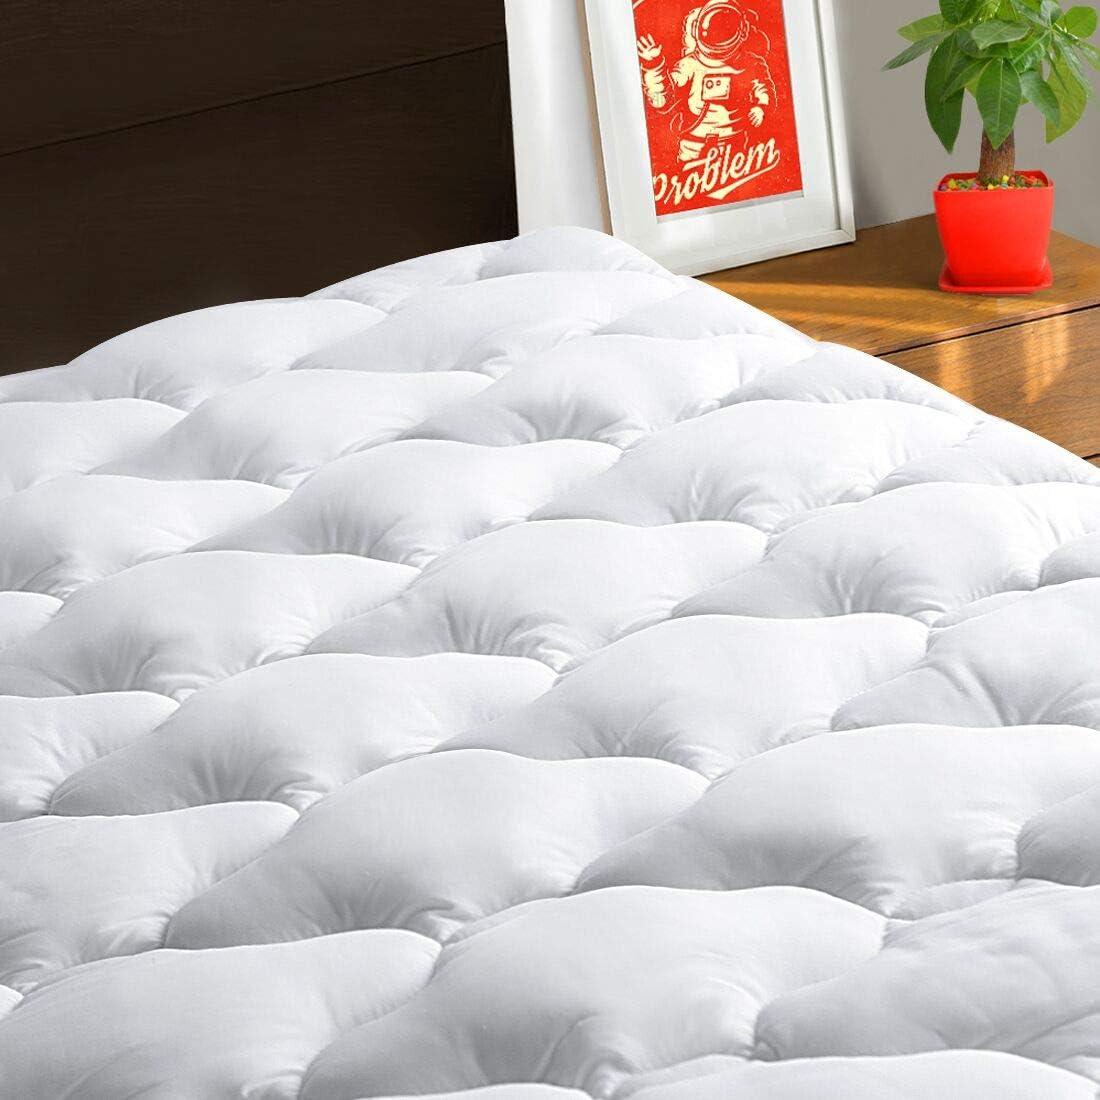 gel foam mattress topper that sleep cooling memory